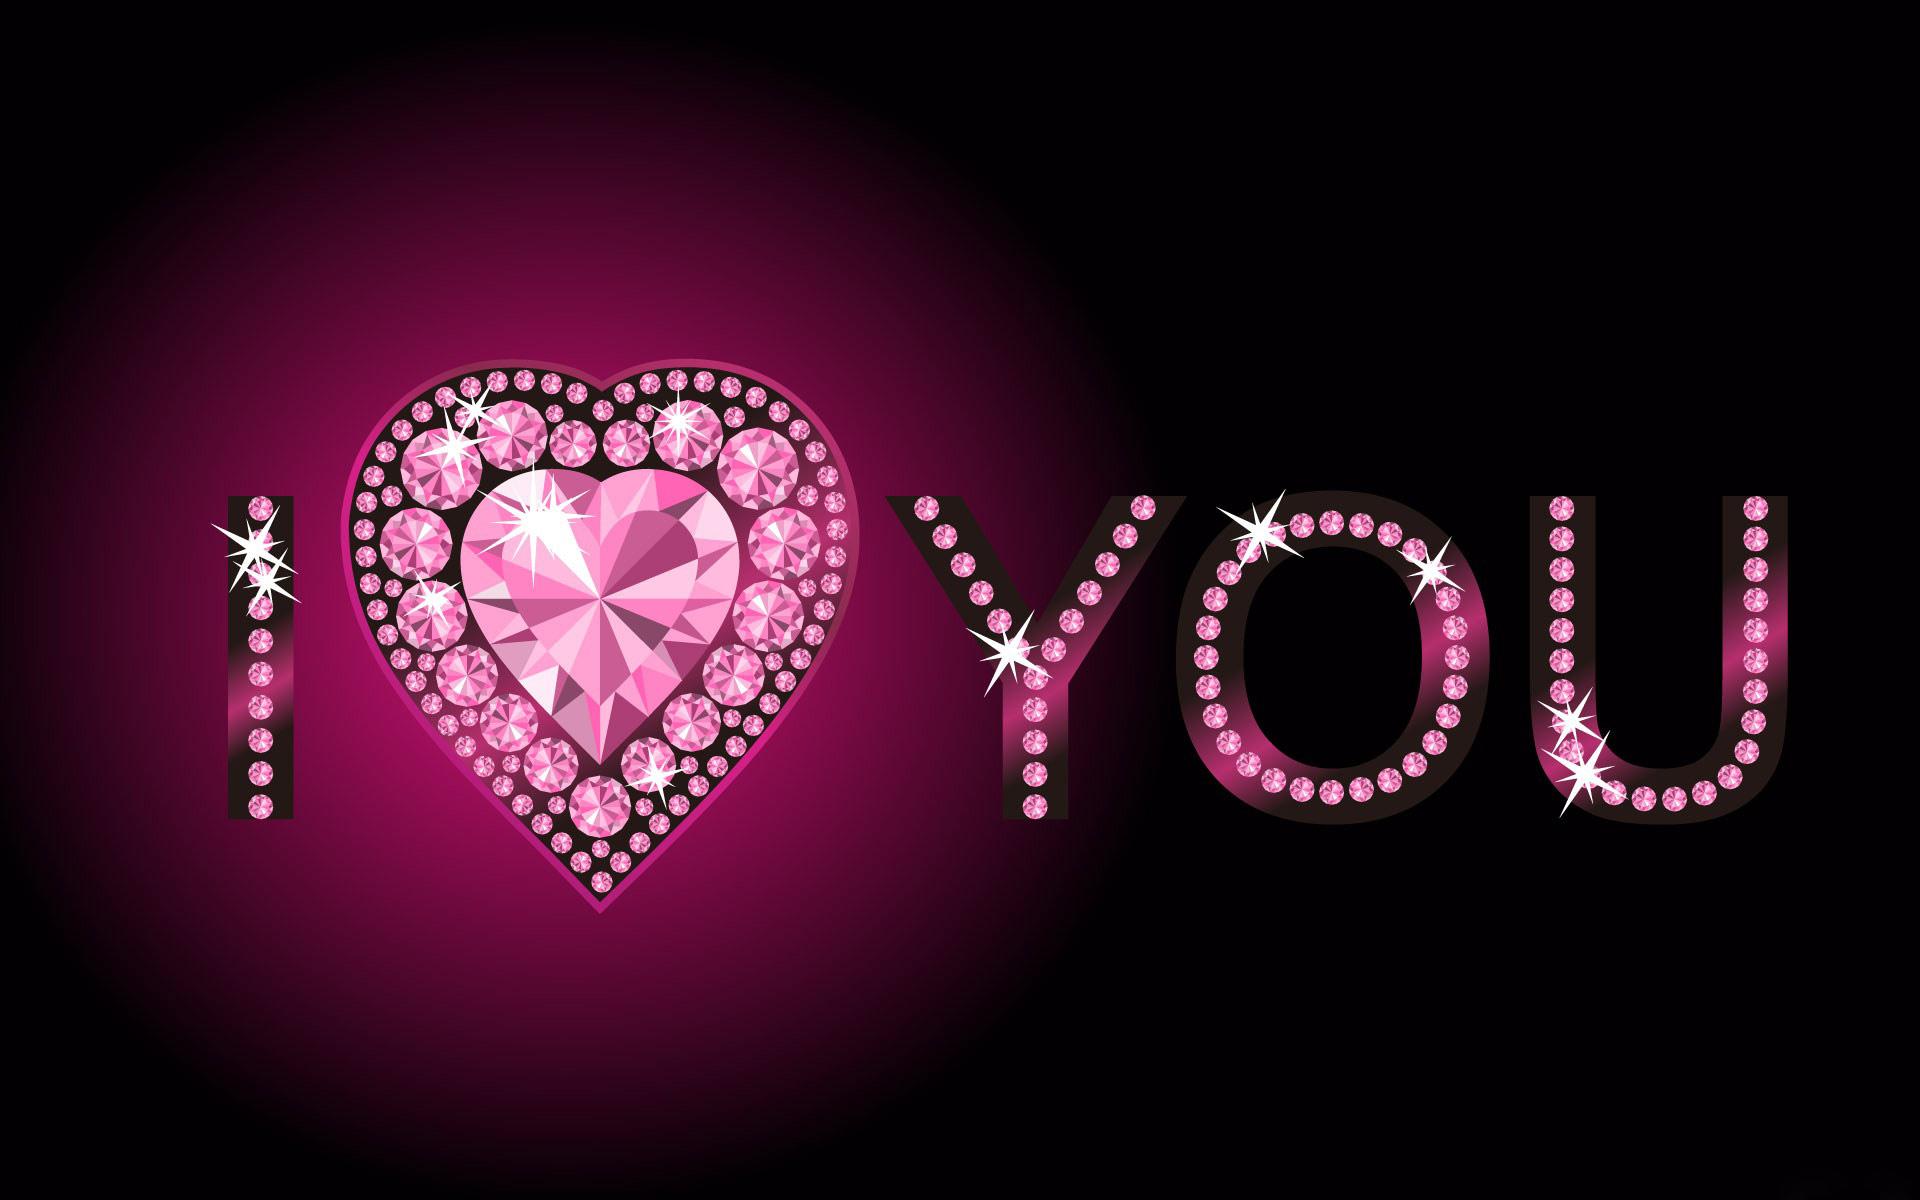 بالصور صور مكتوب فيها بحبك , كلمات العشق والرومانسية 10567 2